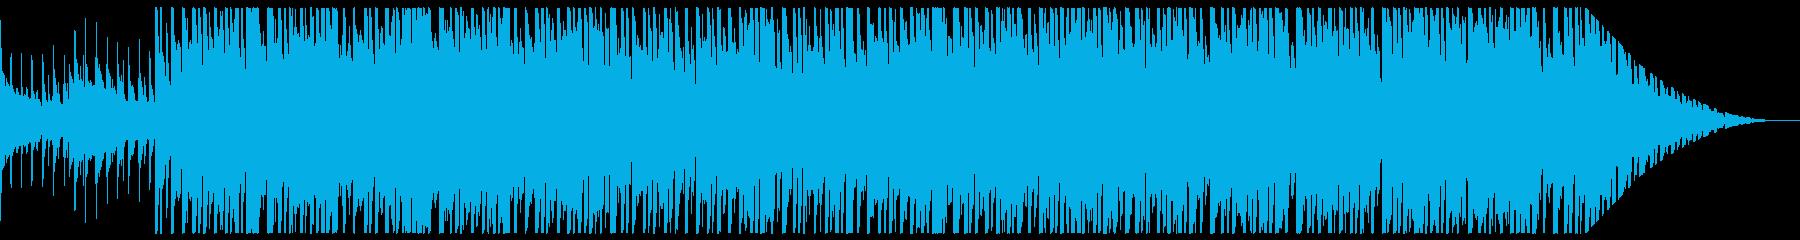 ポップロック研究所Twangyのギ...の再生済みの波形